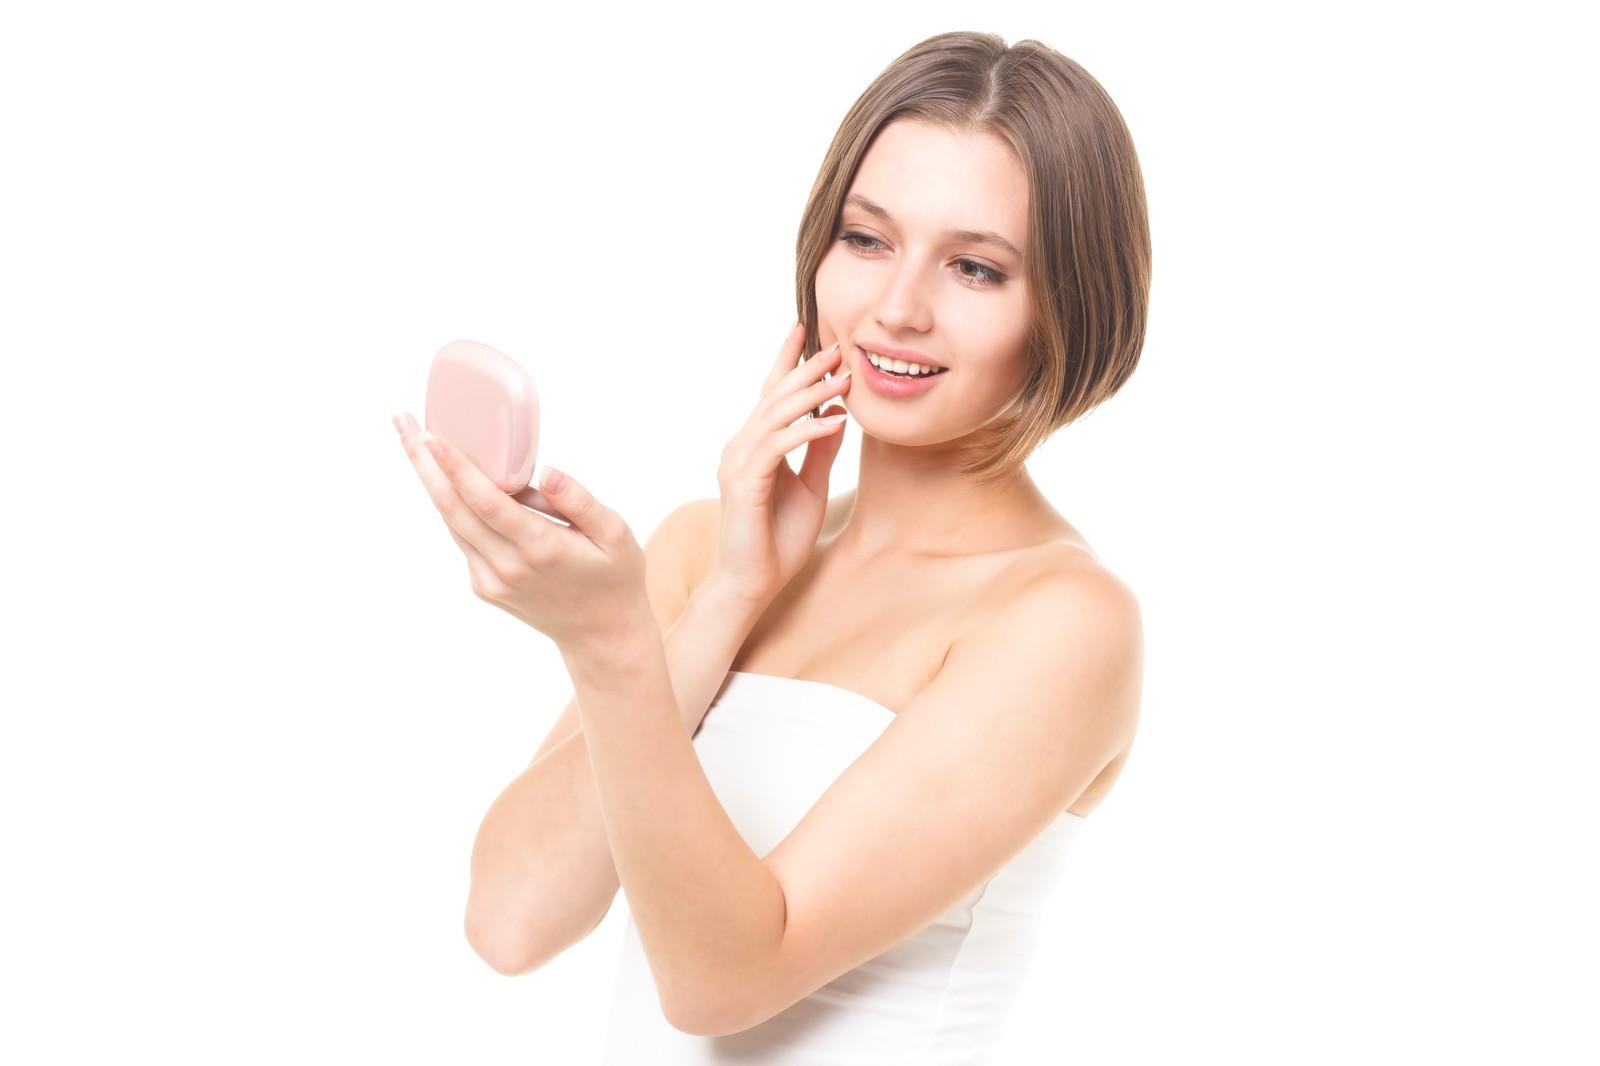 自宅で行える女性のムダ毛処理に!おすすめカミソリランキング